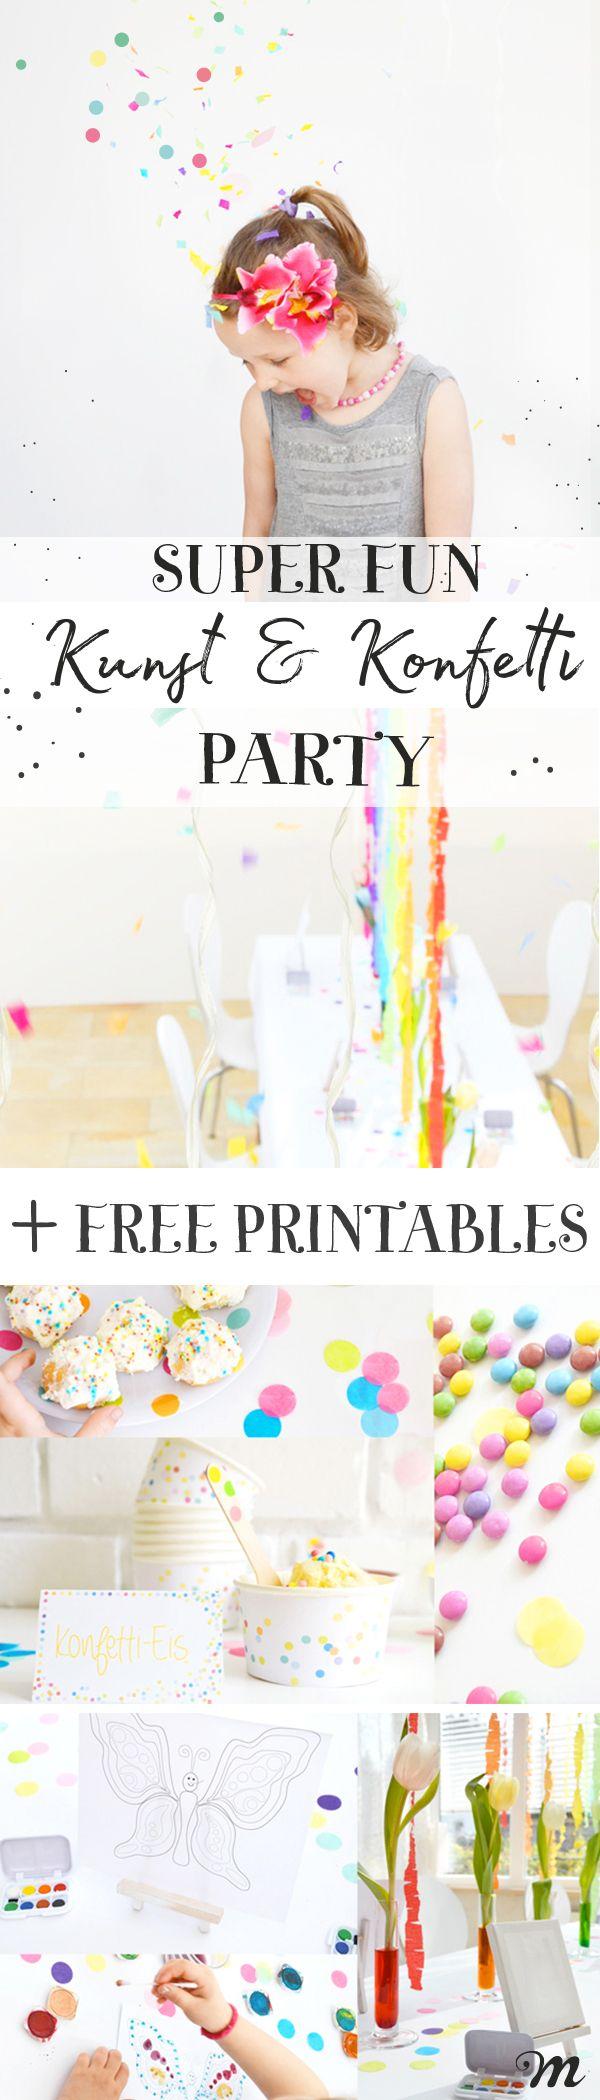 YAY - die superfröhliche Kunst und Konfetti Party für den Kindergeburtstag + kostenlose  Printables mit Einladungskarte. Schaut euch die Rezepte, Spiele und Deko an. Die Party hat so viel Spaß gemacht und ist für Jungs und Mädchen ein tolles Thema. Viele weitere Ideen für einen Kindergeburtstag findet ihr auf dem Minidrops Blog.  Tipp: Jetzt pinnen - später in Ruhe anschauen #Konfetti #Party #Kindergeburtstag #Printables #Einladung #schnell #Minidrops